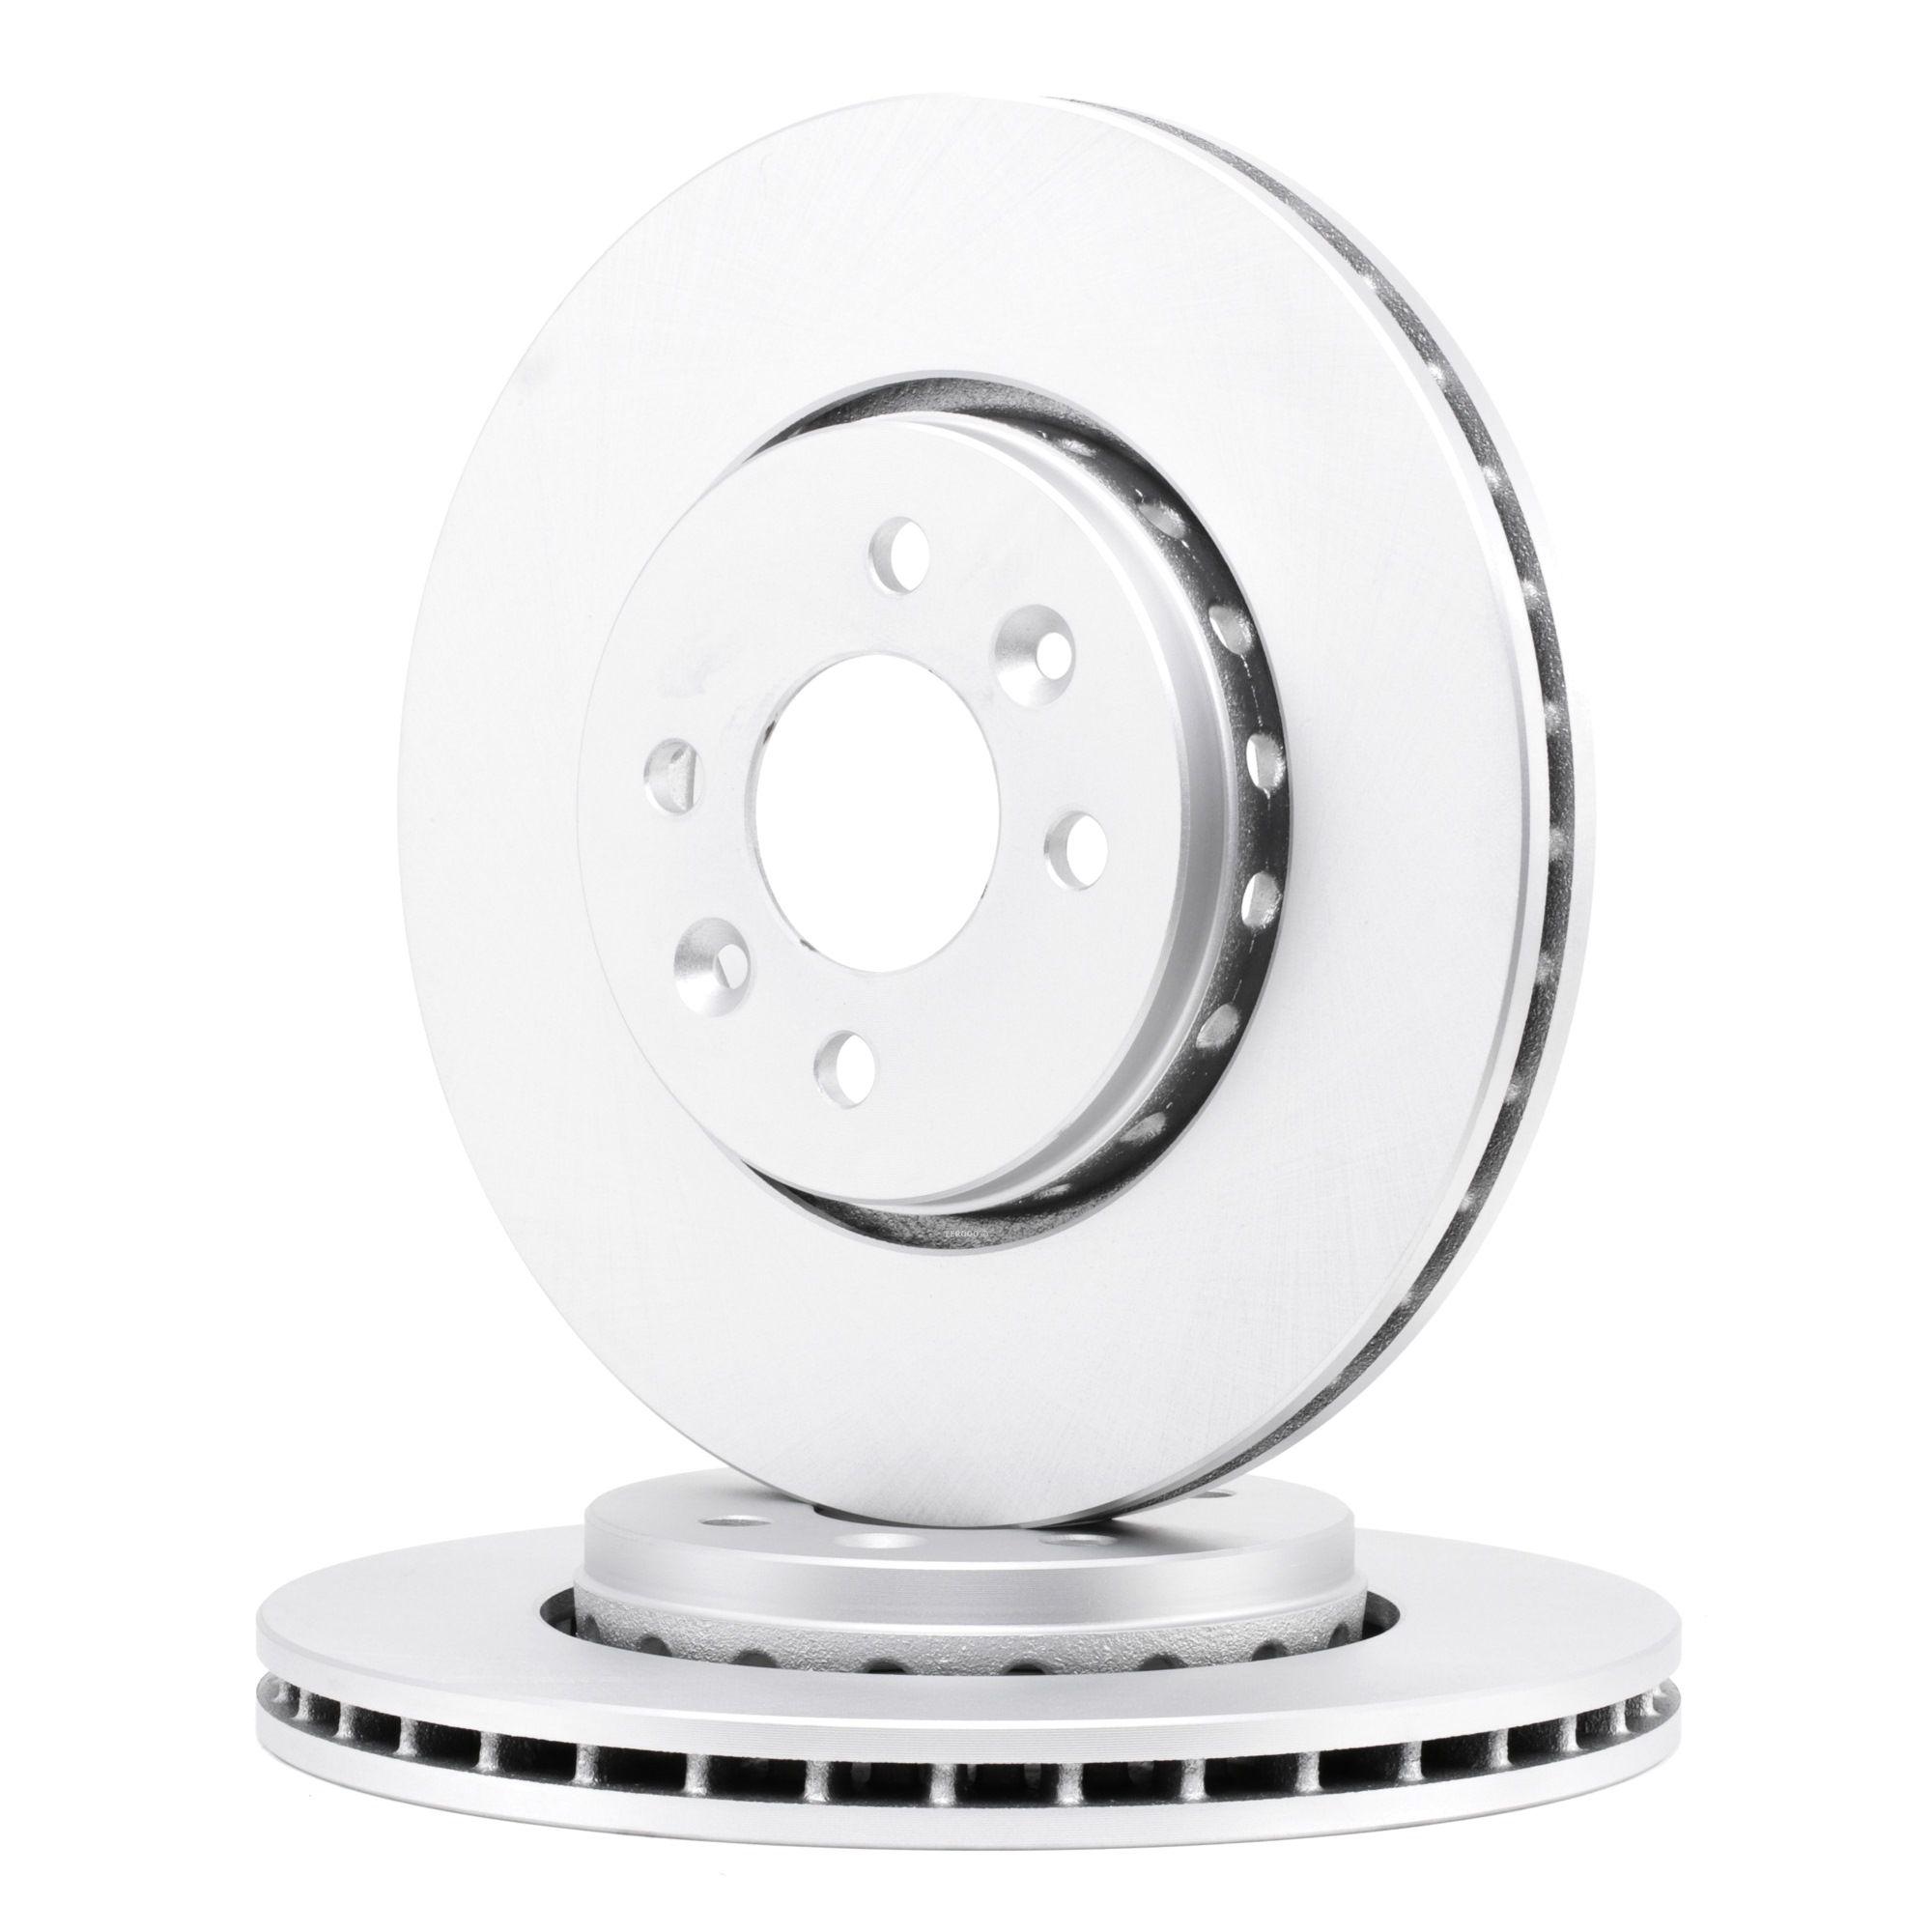 Pieces detachees RENAULT LODGY 2015 : Disque de frein FERODO DDF2350C Ø: 280mm, Nbre de trous: 4, Épaisseur du disque de frein: 24mm - Achetez tout de suite!